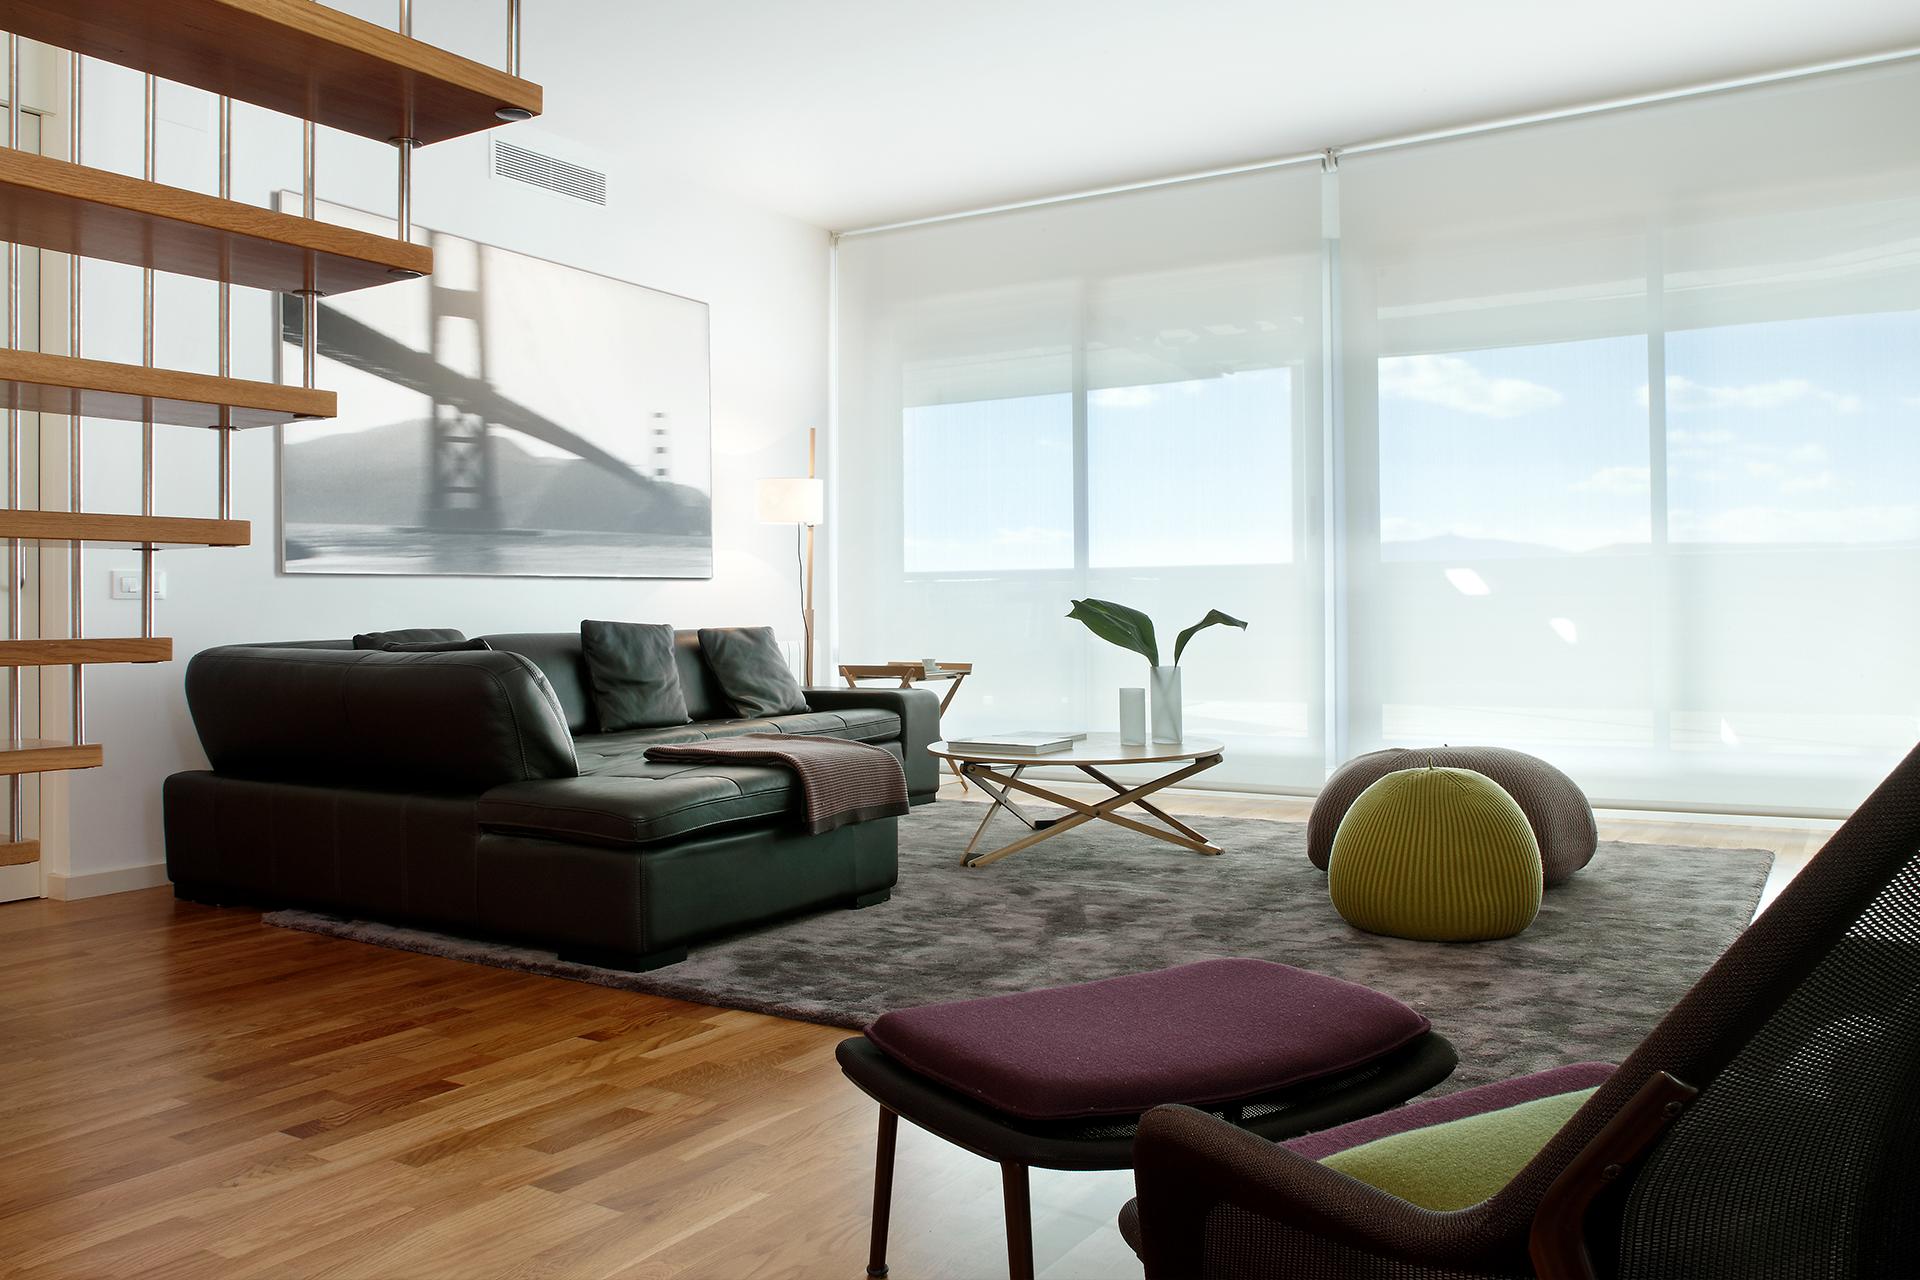 Interior Design Decor   The Room Studio